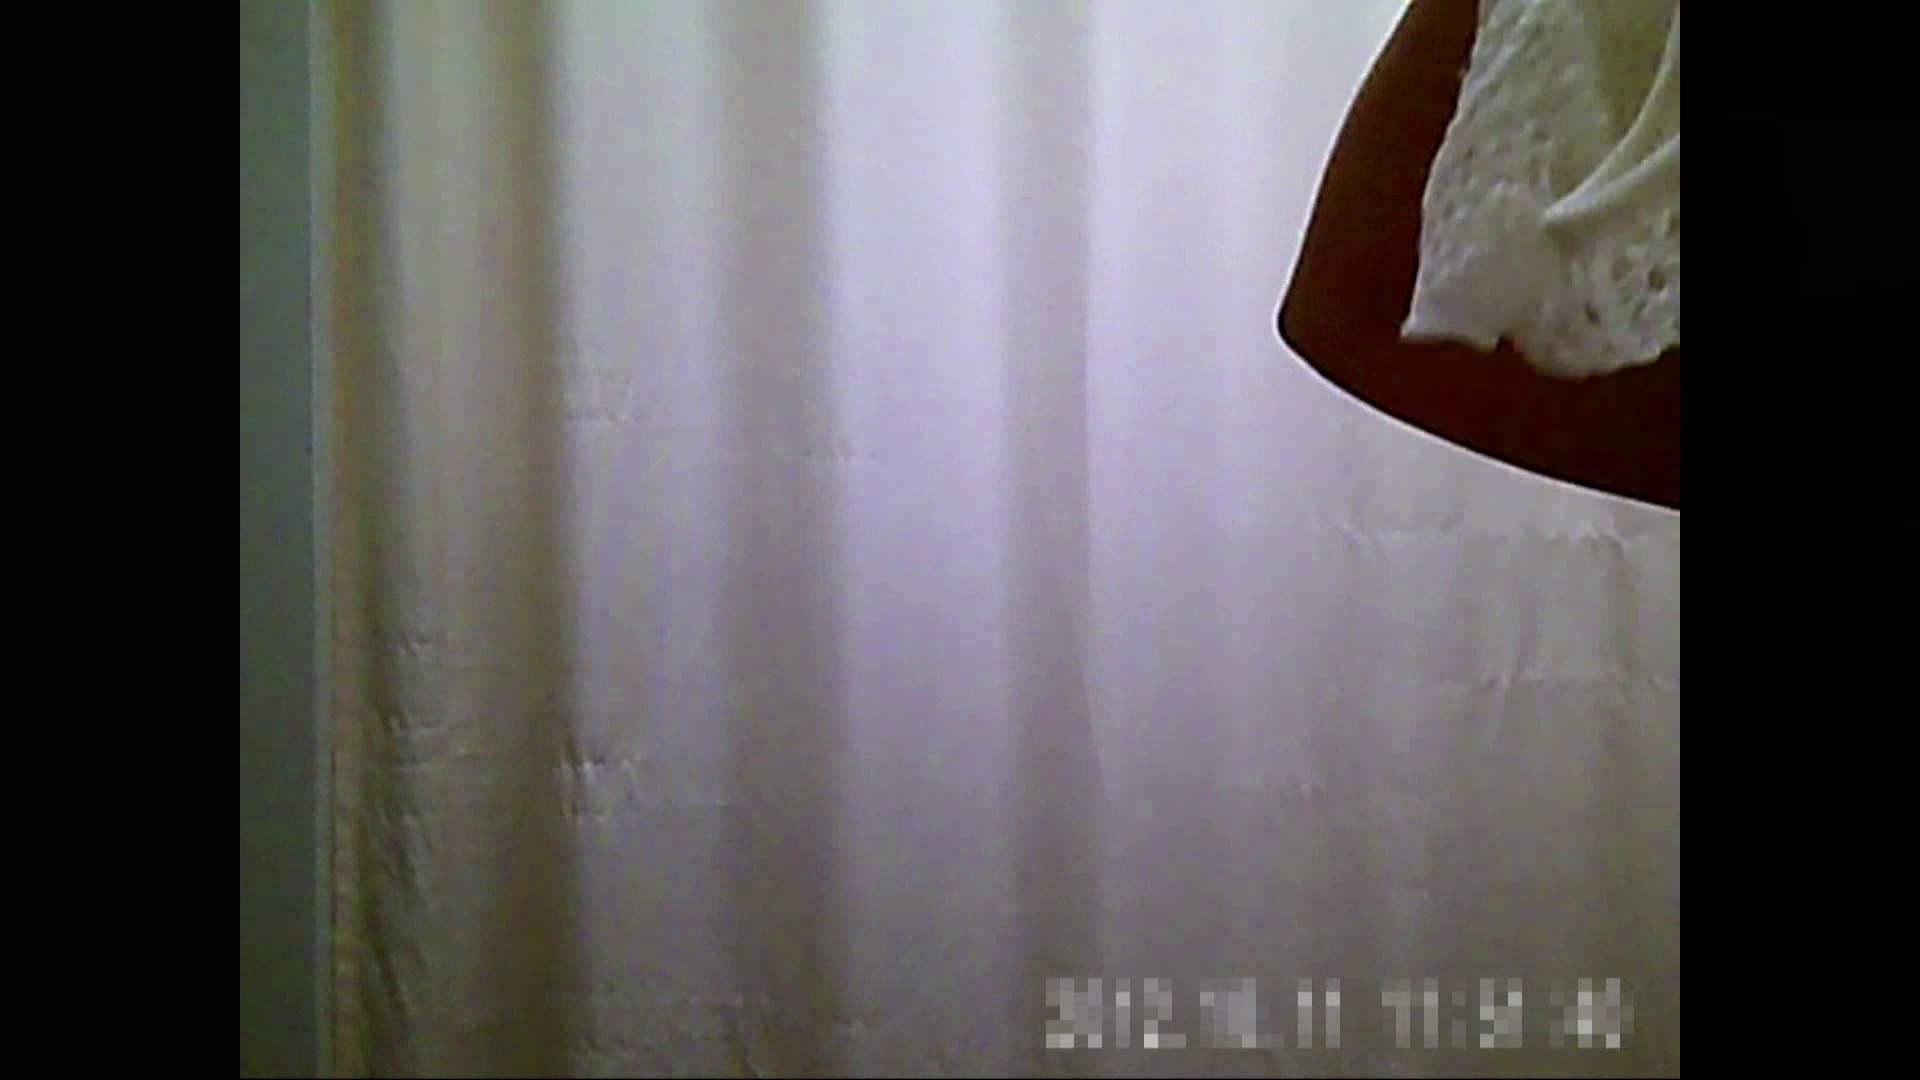 病院おもいっきり着替え! vol.233 OLセックス 盗撮セックス無修正動画無料 103画像 23